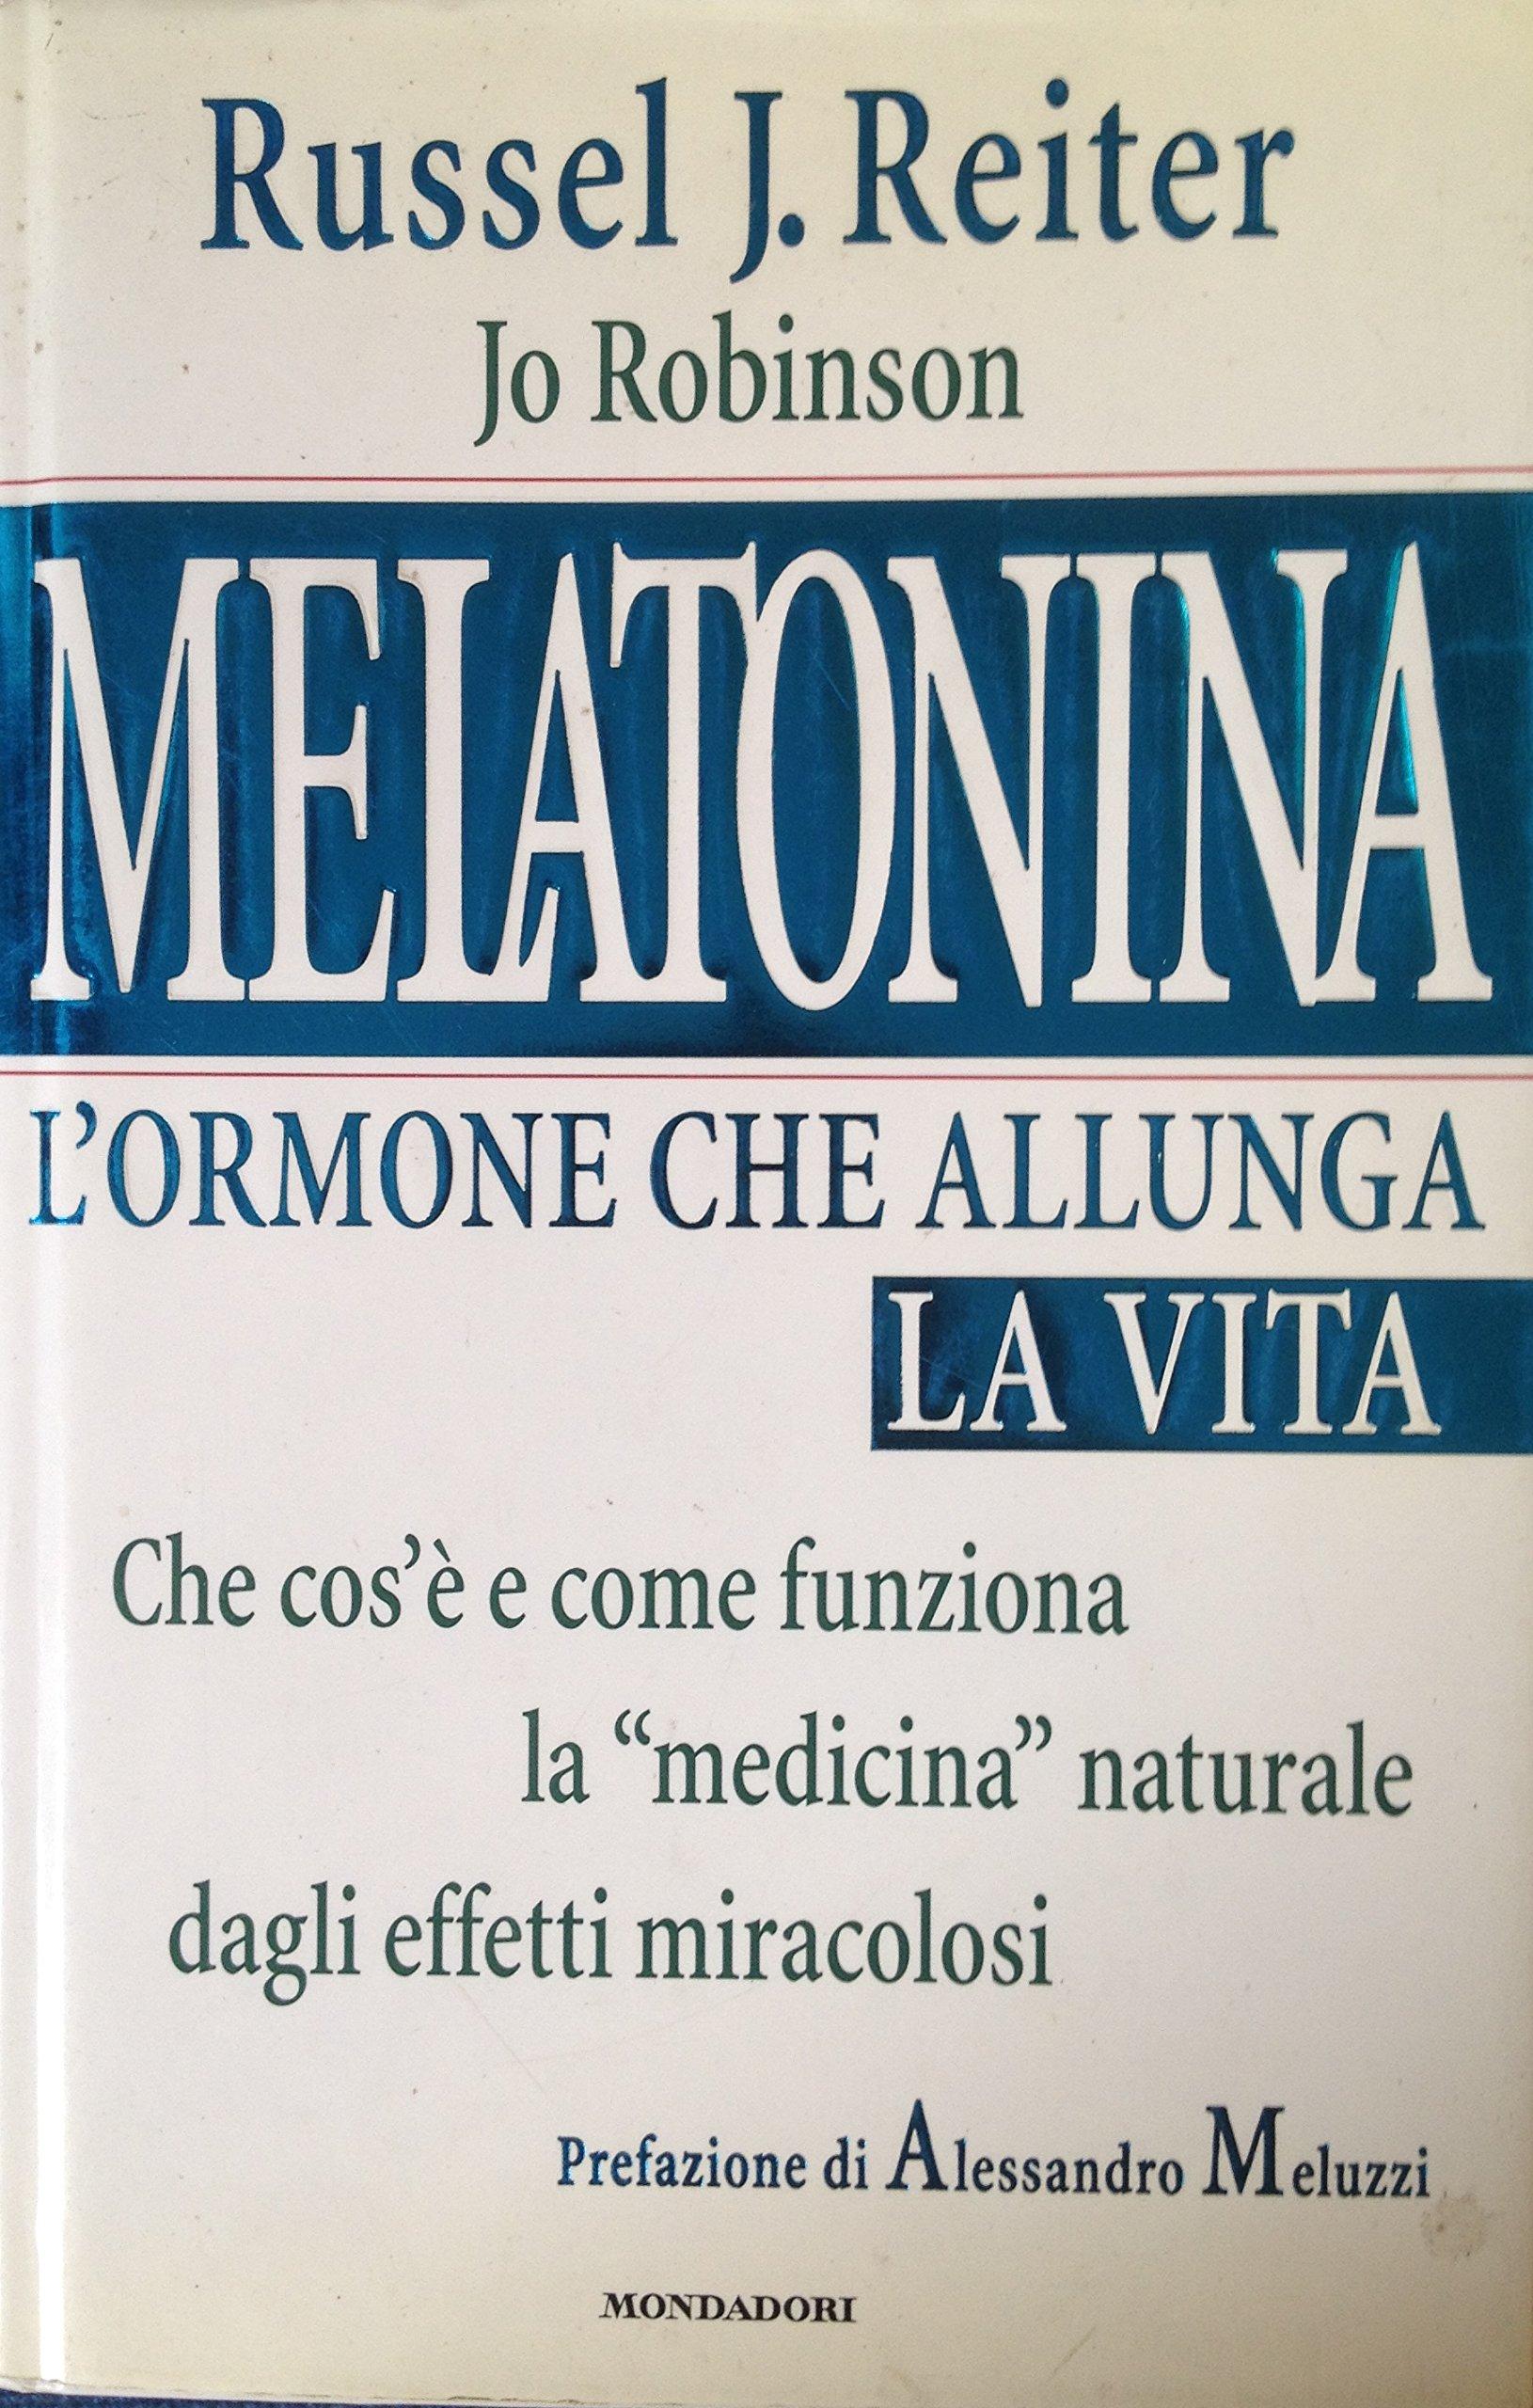 Melatonina, lormone che allunga la vita Ingrandimenti: Amazon.es: Russell Reiter, Jo Robinson: Libros en idiomas extranjeros